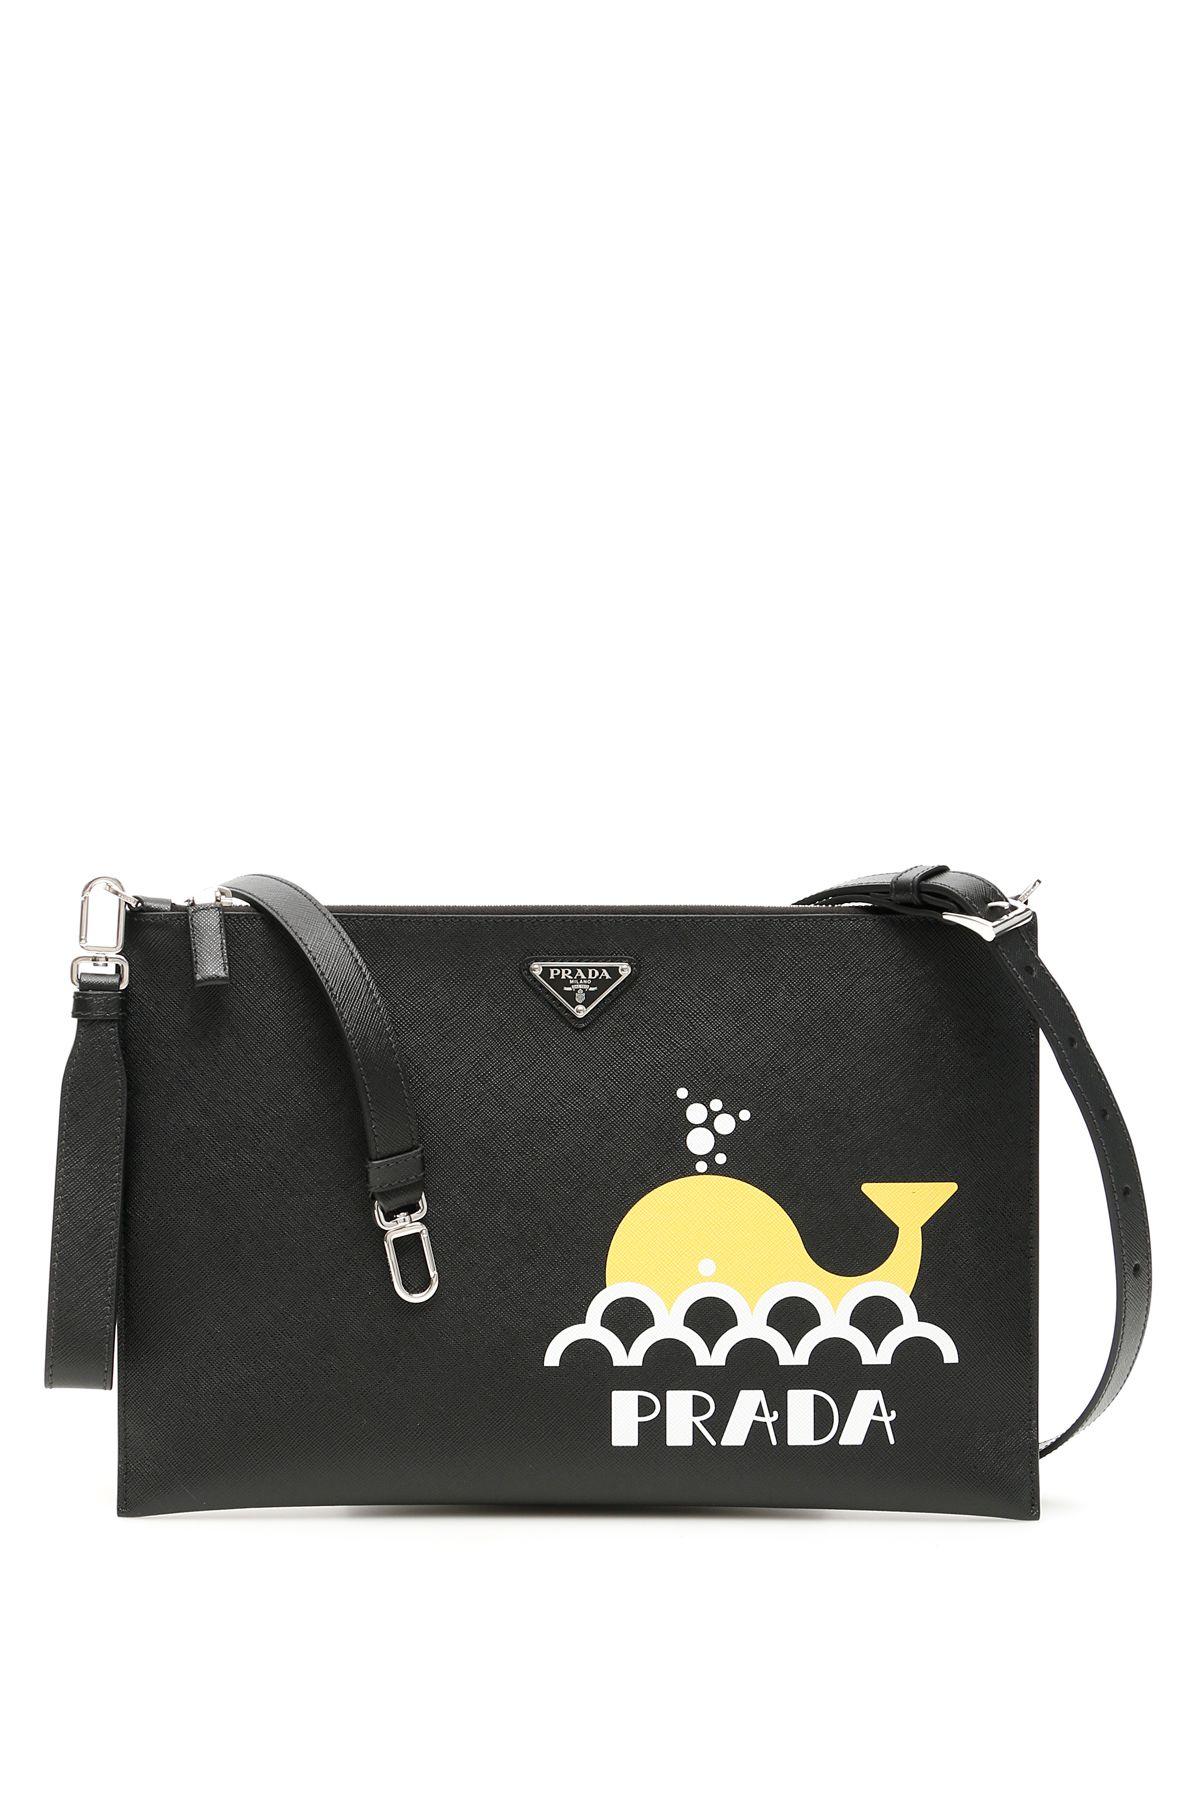 bfeef35cda37 Prada Prada Whale Logo Clutch - NERO GIALLO Nero - 10858918   italist